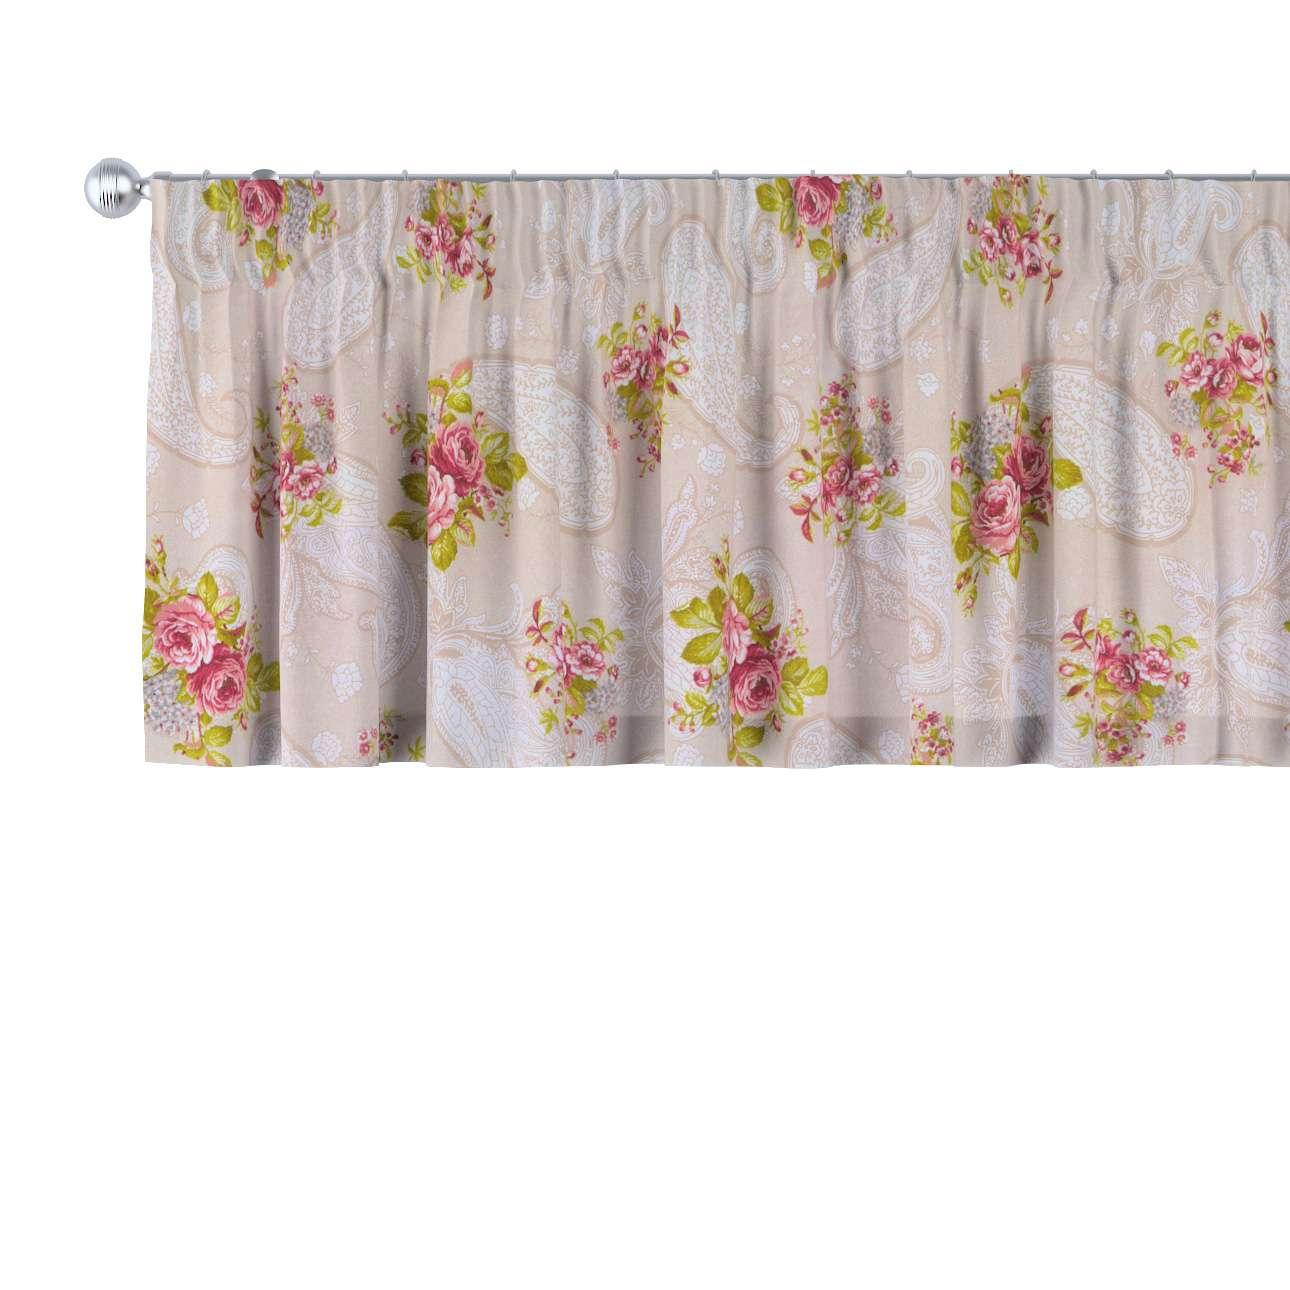 Lambrekin na řasící pásce 130 x 40 cm v kolekci Flowers, látka: 311-15